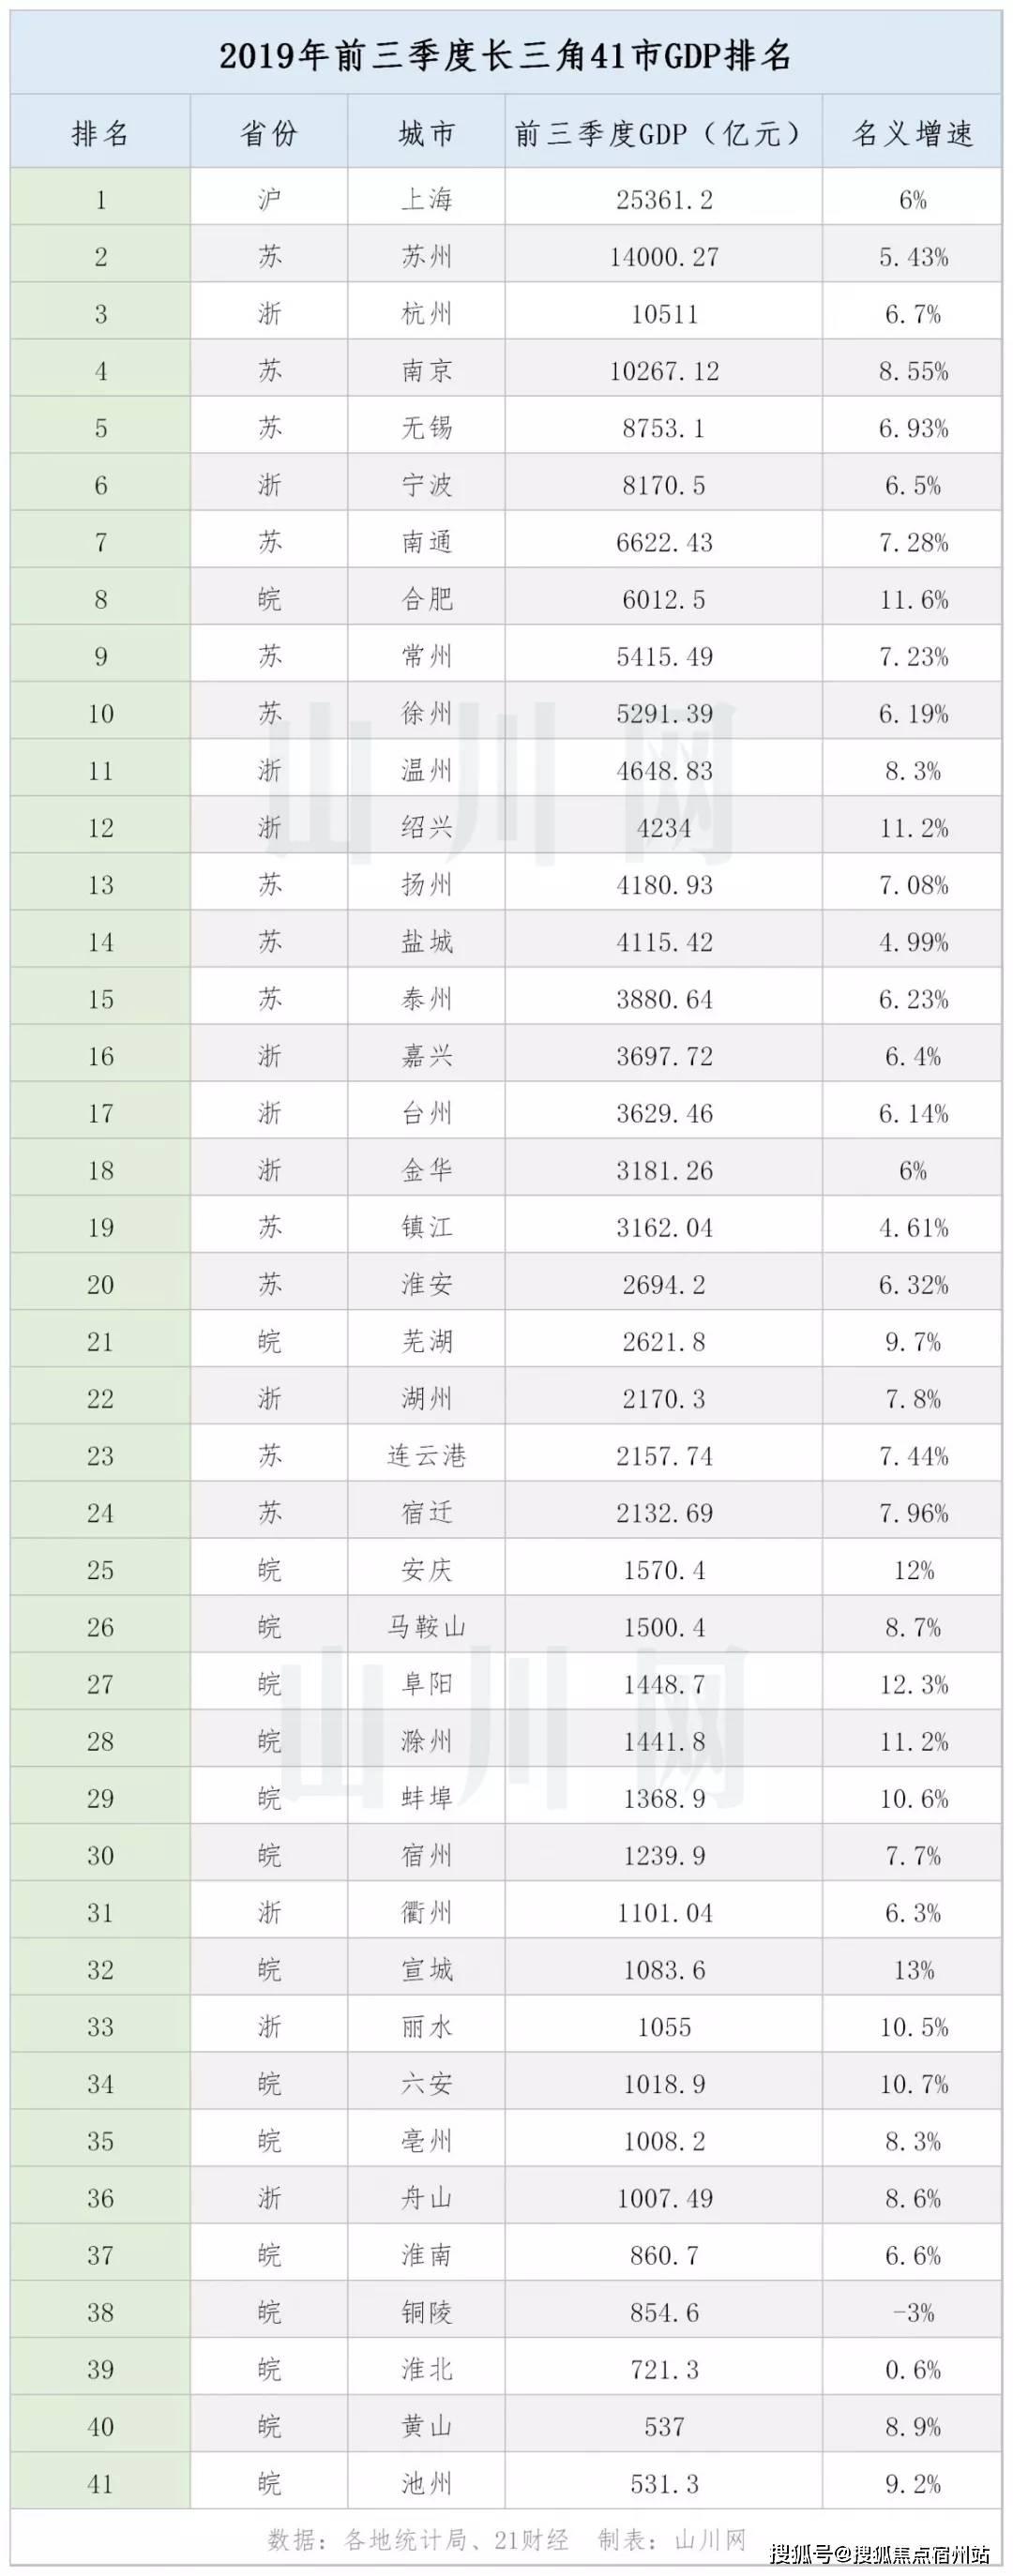 2019年前三季度长三角城市群41城GDP排名:中国第一城市群的现在与未来